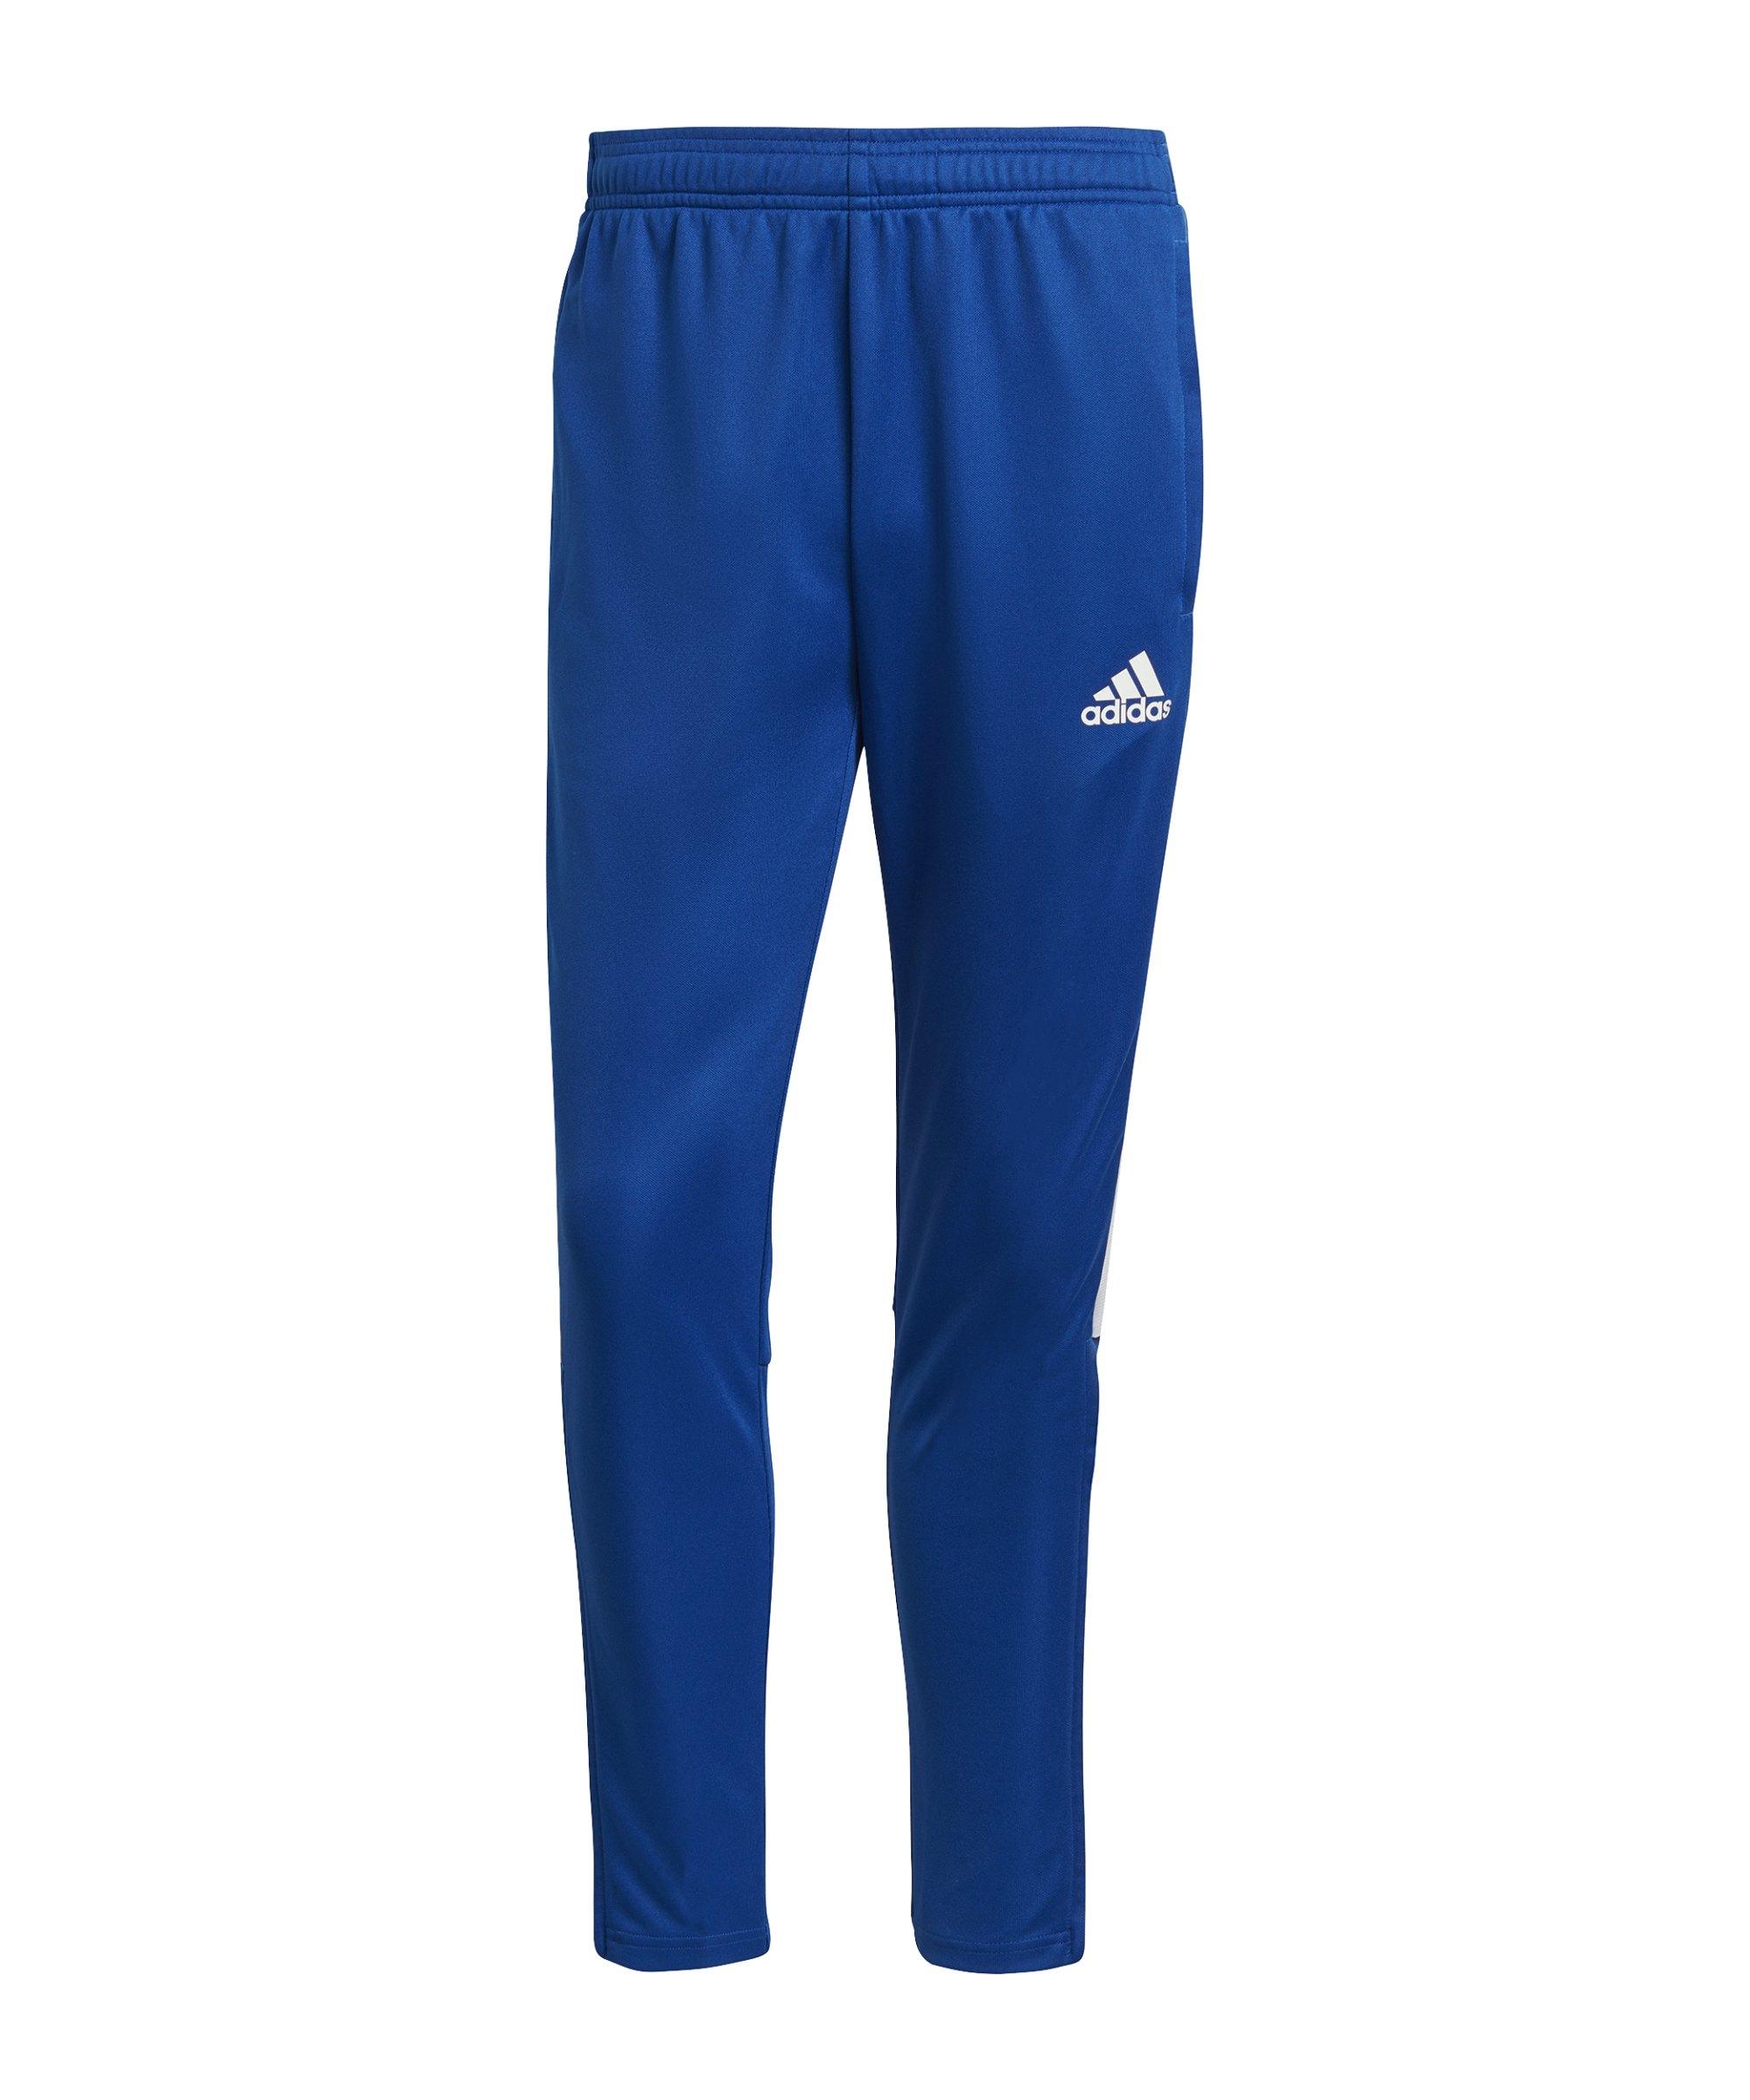 adidas Tiro 21 Trainingshose Blau - blau